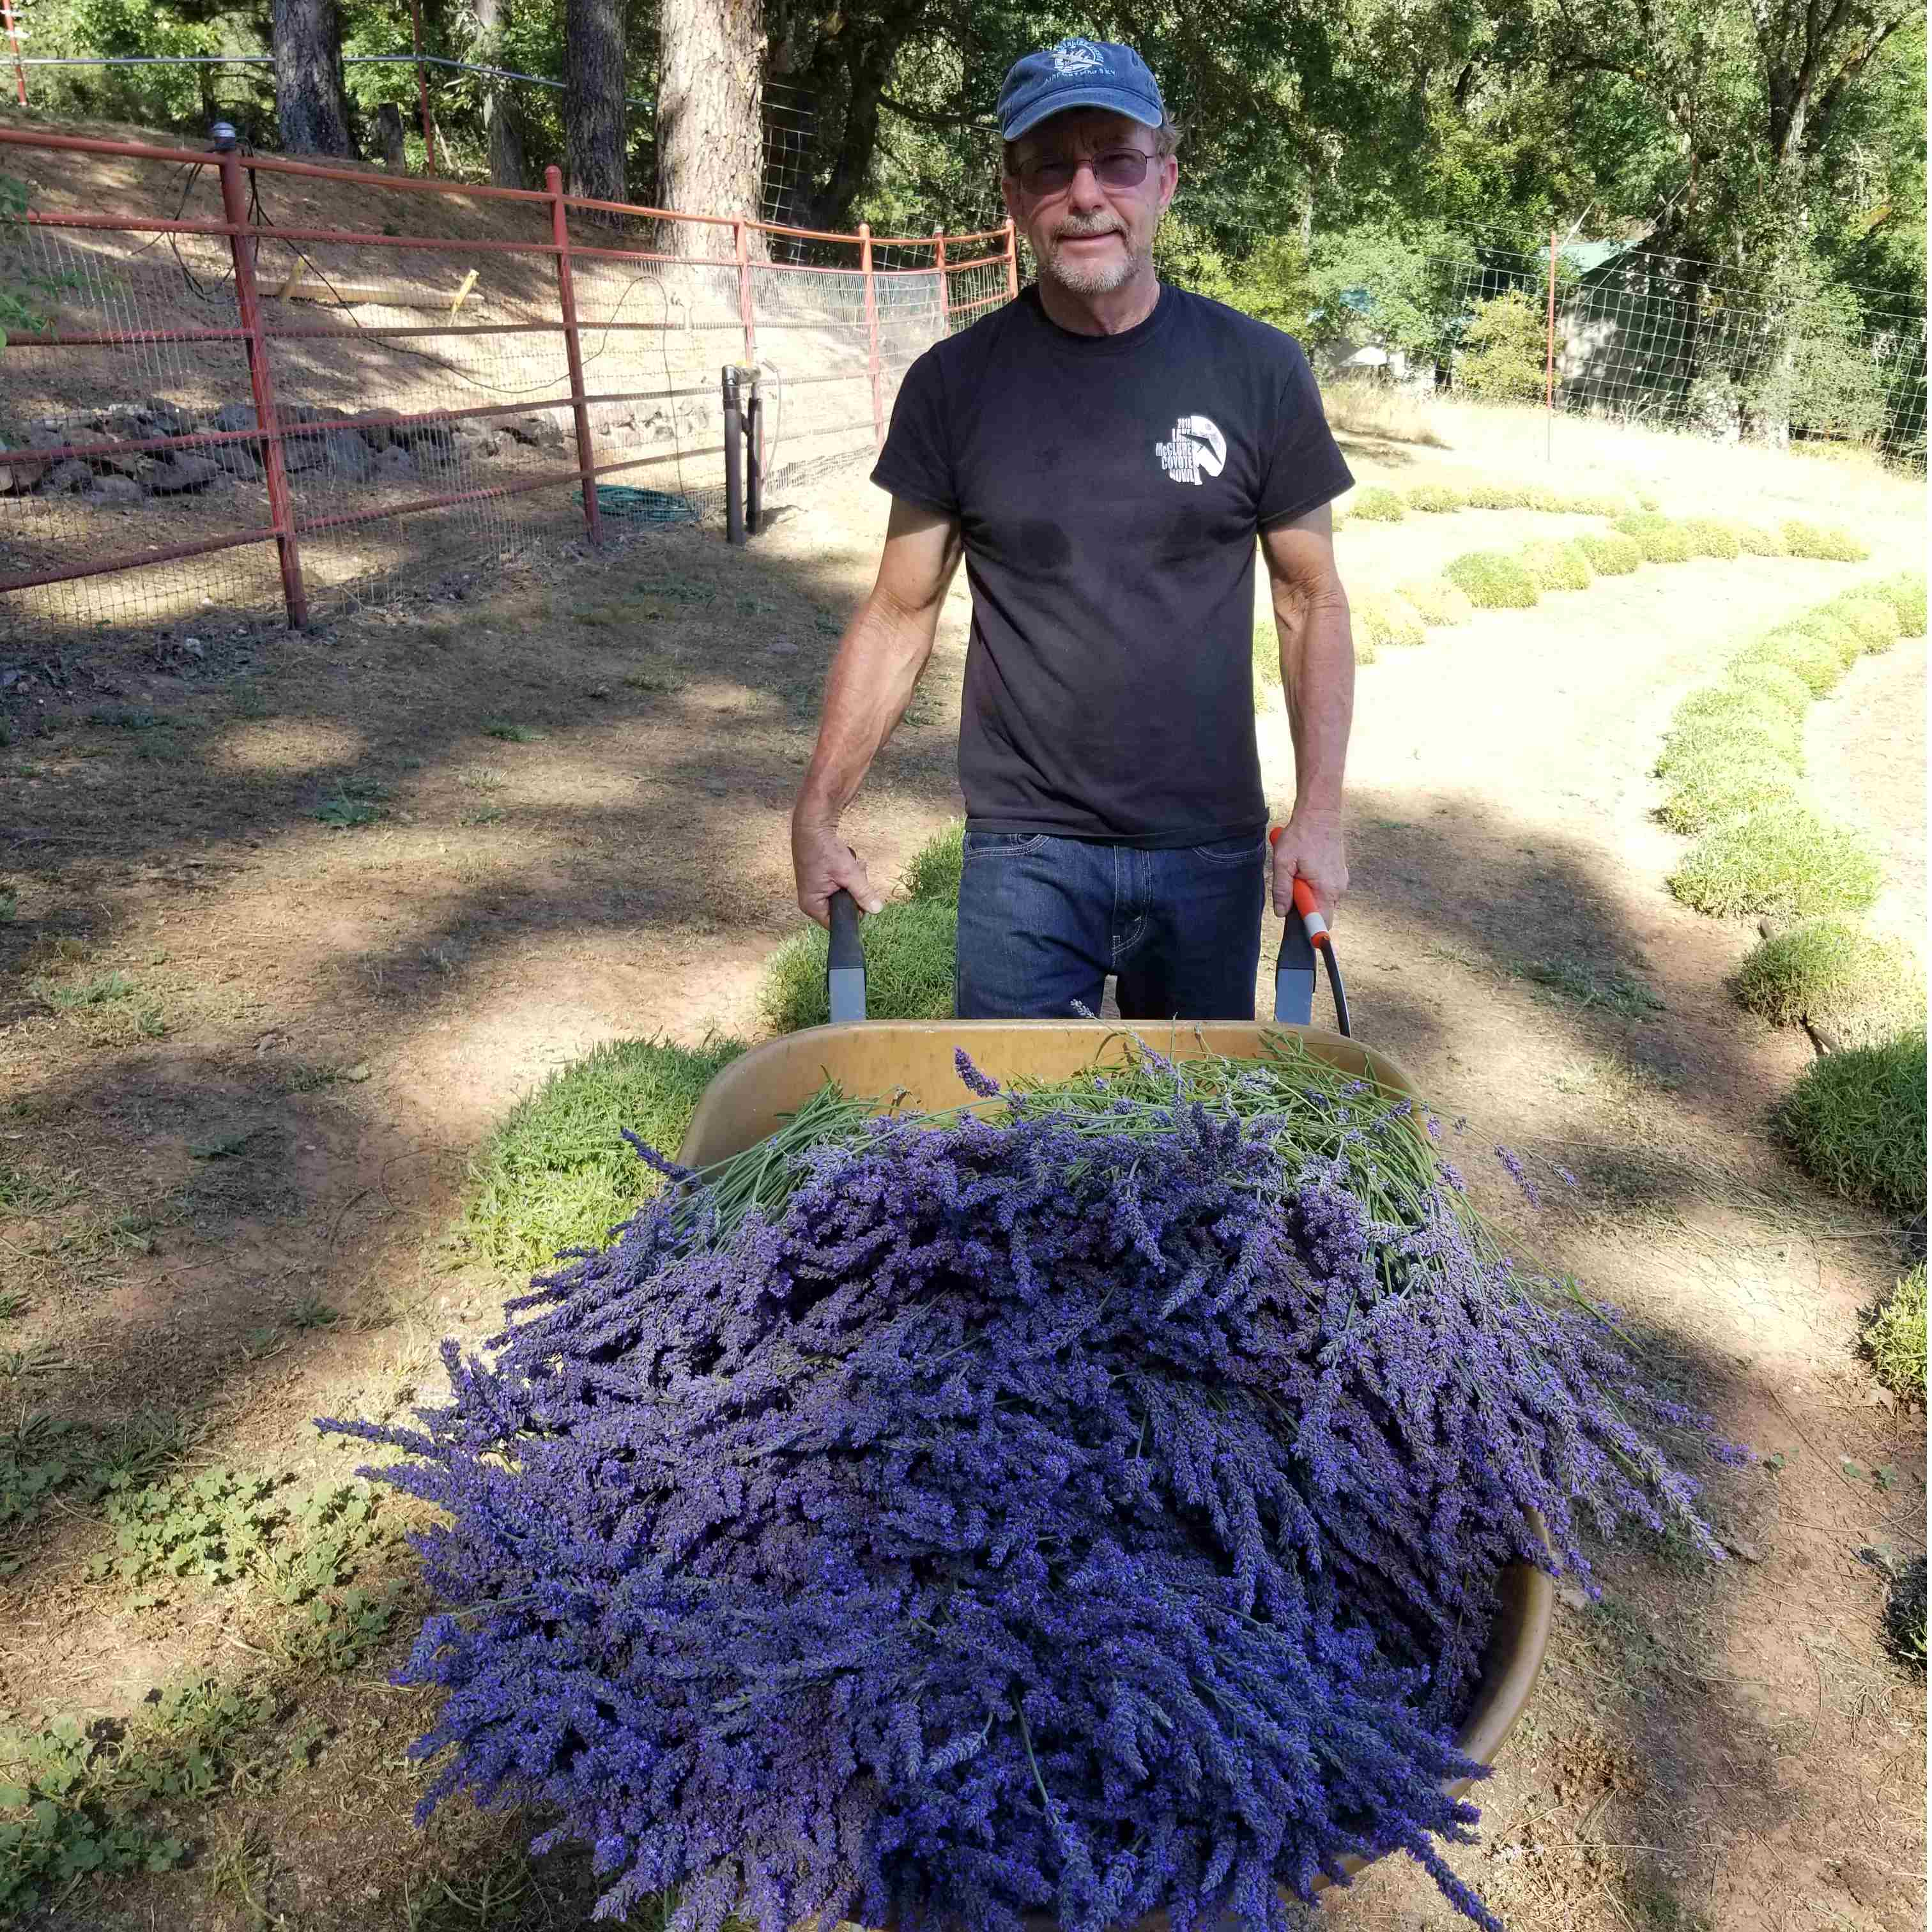 Gypsy Hill Lavender Farm